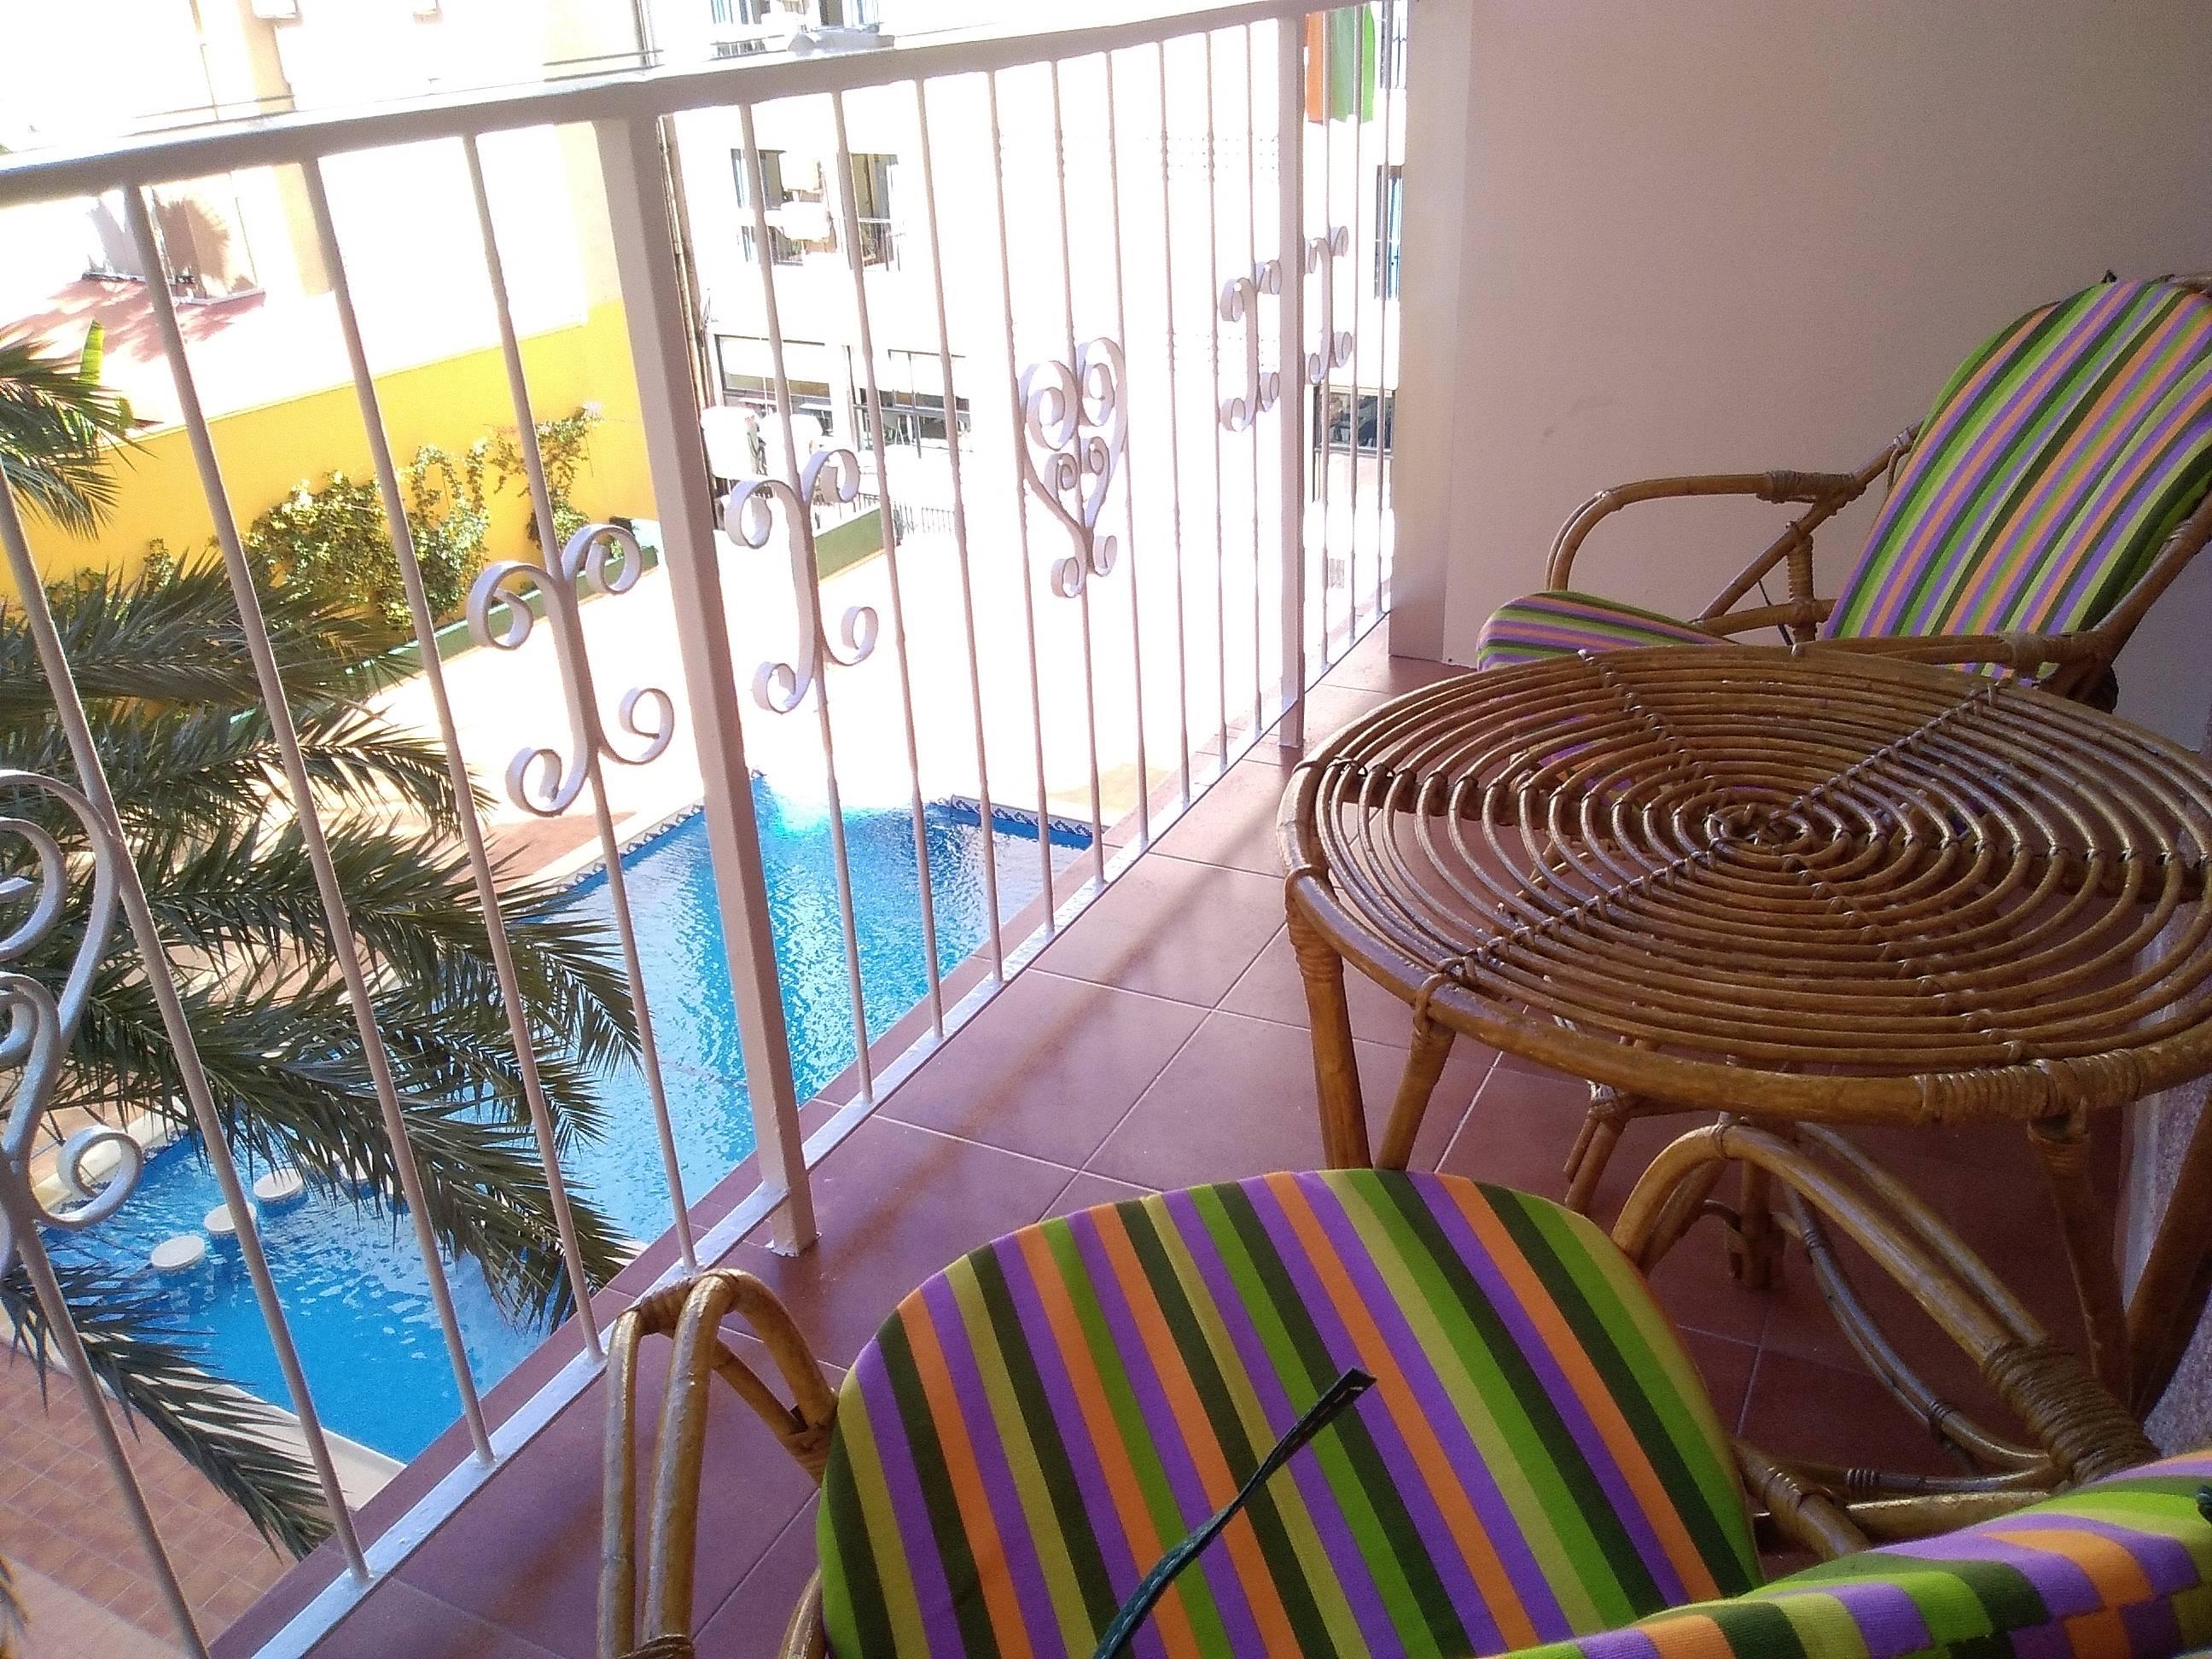 Apartamento en segunda linea de playa poniente benidorm alicante costa blanca - Apartamentos en benidorm playa poniente ...